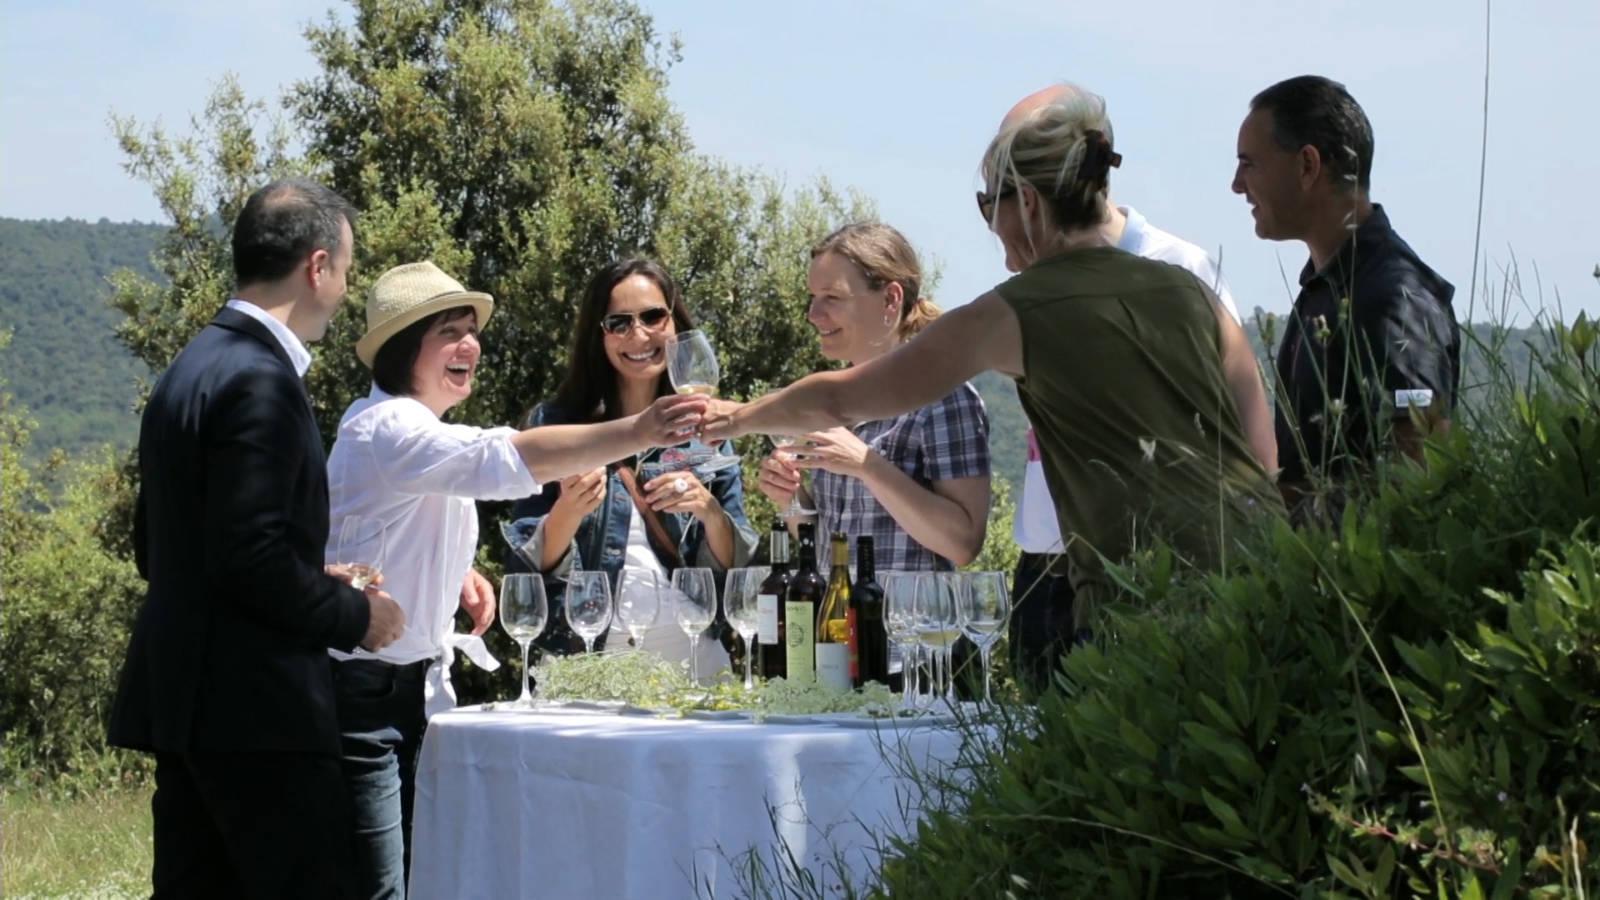 Wein - die schönste Verbindung von Natur und Kultur © Naturalwalks